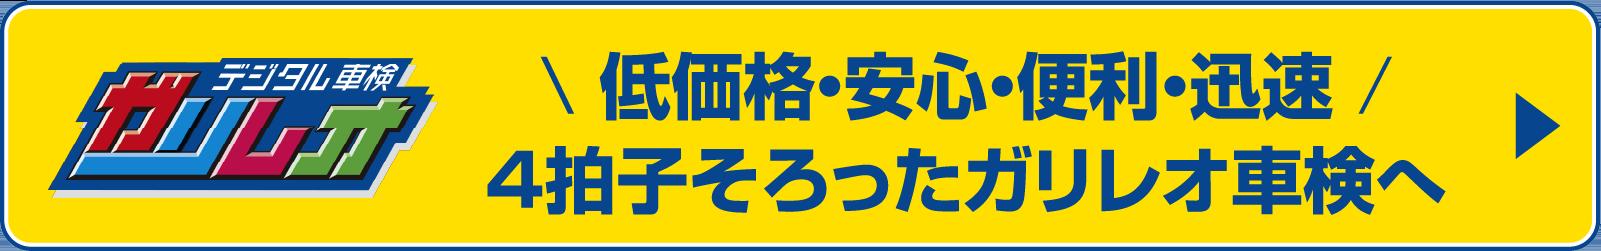 デジタル車検ガリレオ \ 低価格・安心・便利・迅速 /4拍子そろったガリレオ車検へ